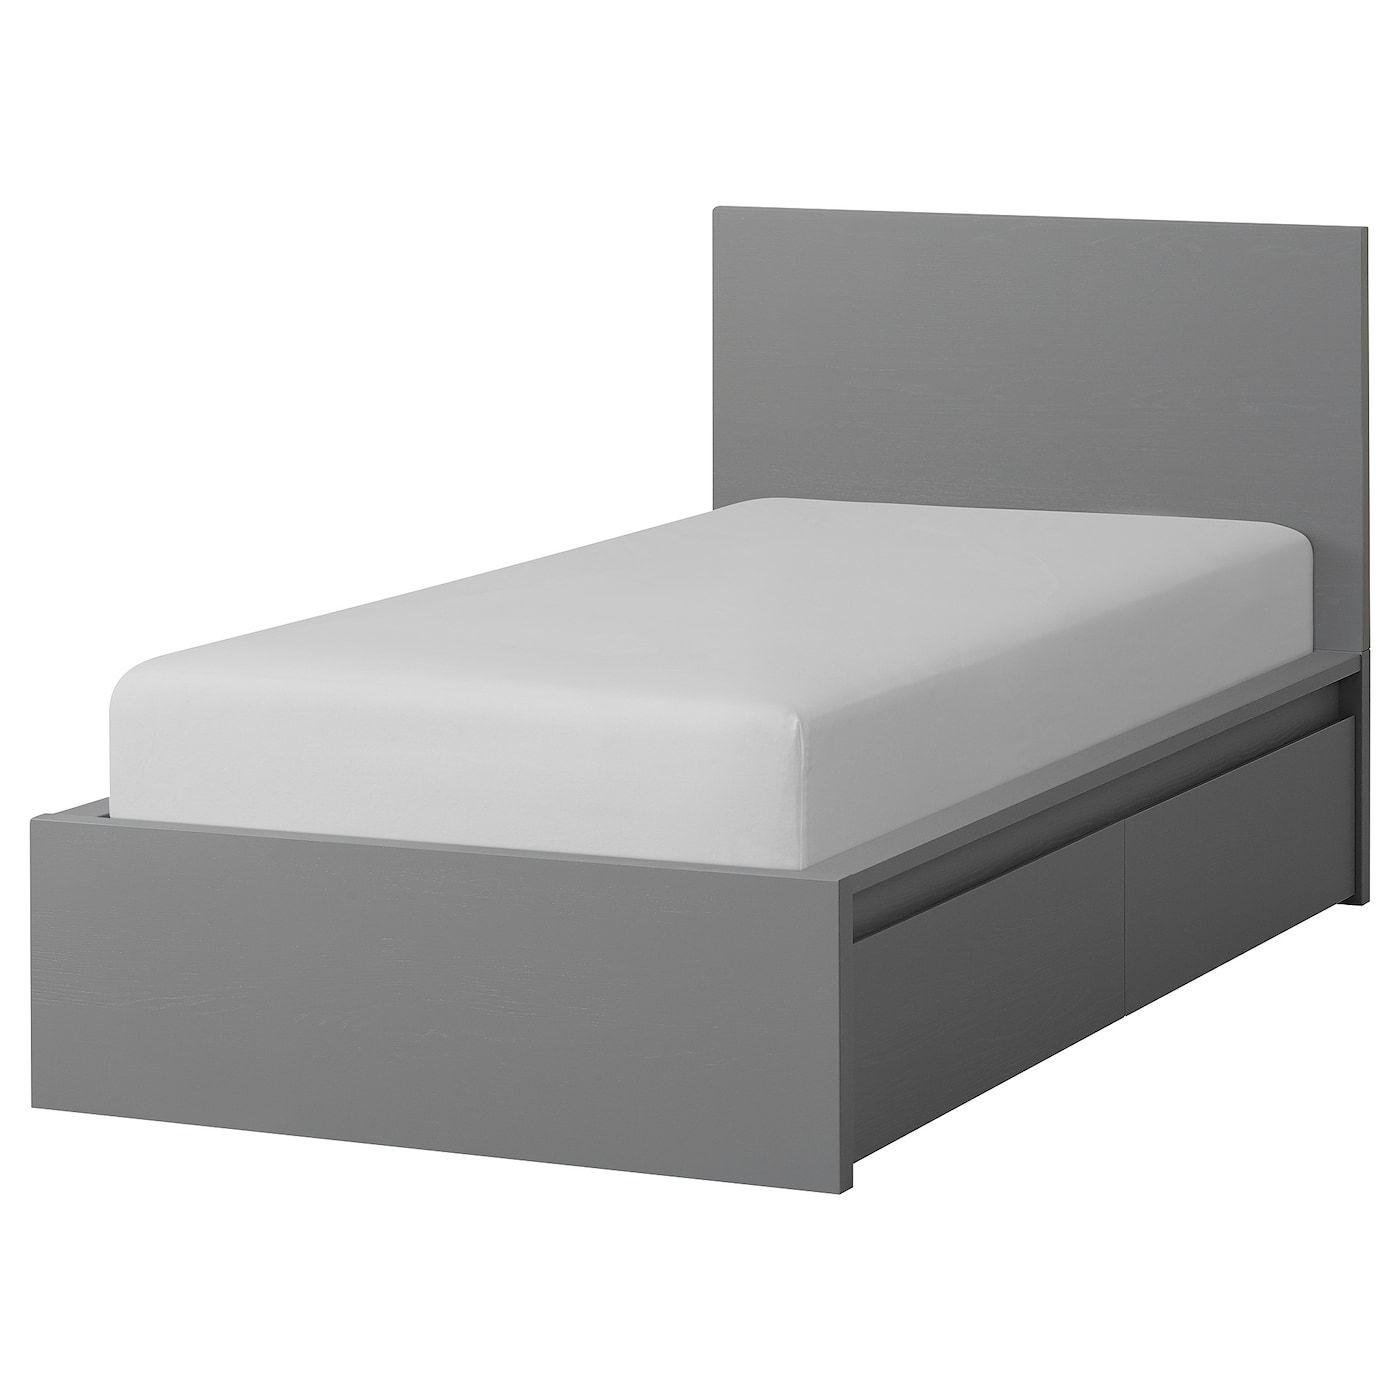 Malm Struct De Lit Haut 2 Tiroirs Teinte Gris Lonset Une Place Magasinez Sur Fr Ikea Ca Ikea En 2020 Ikea Malm Malm Cadre De Lit Malm